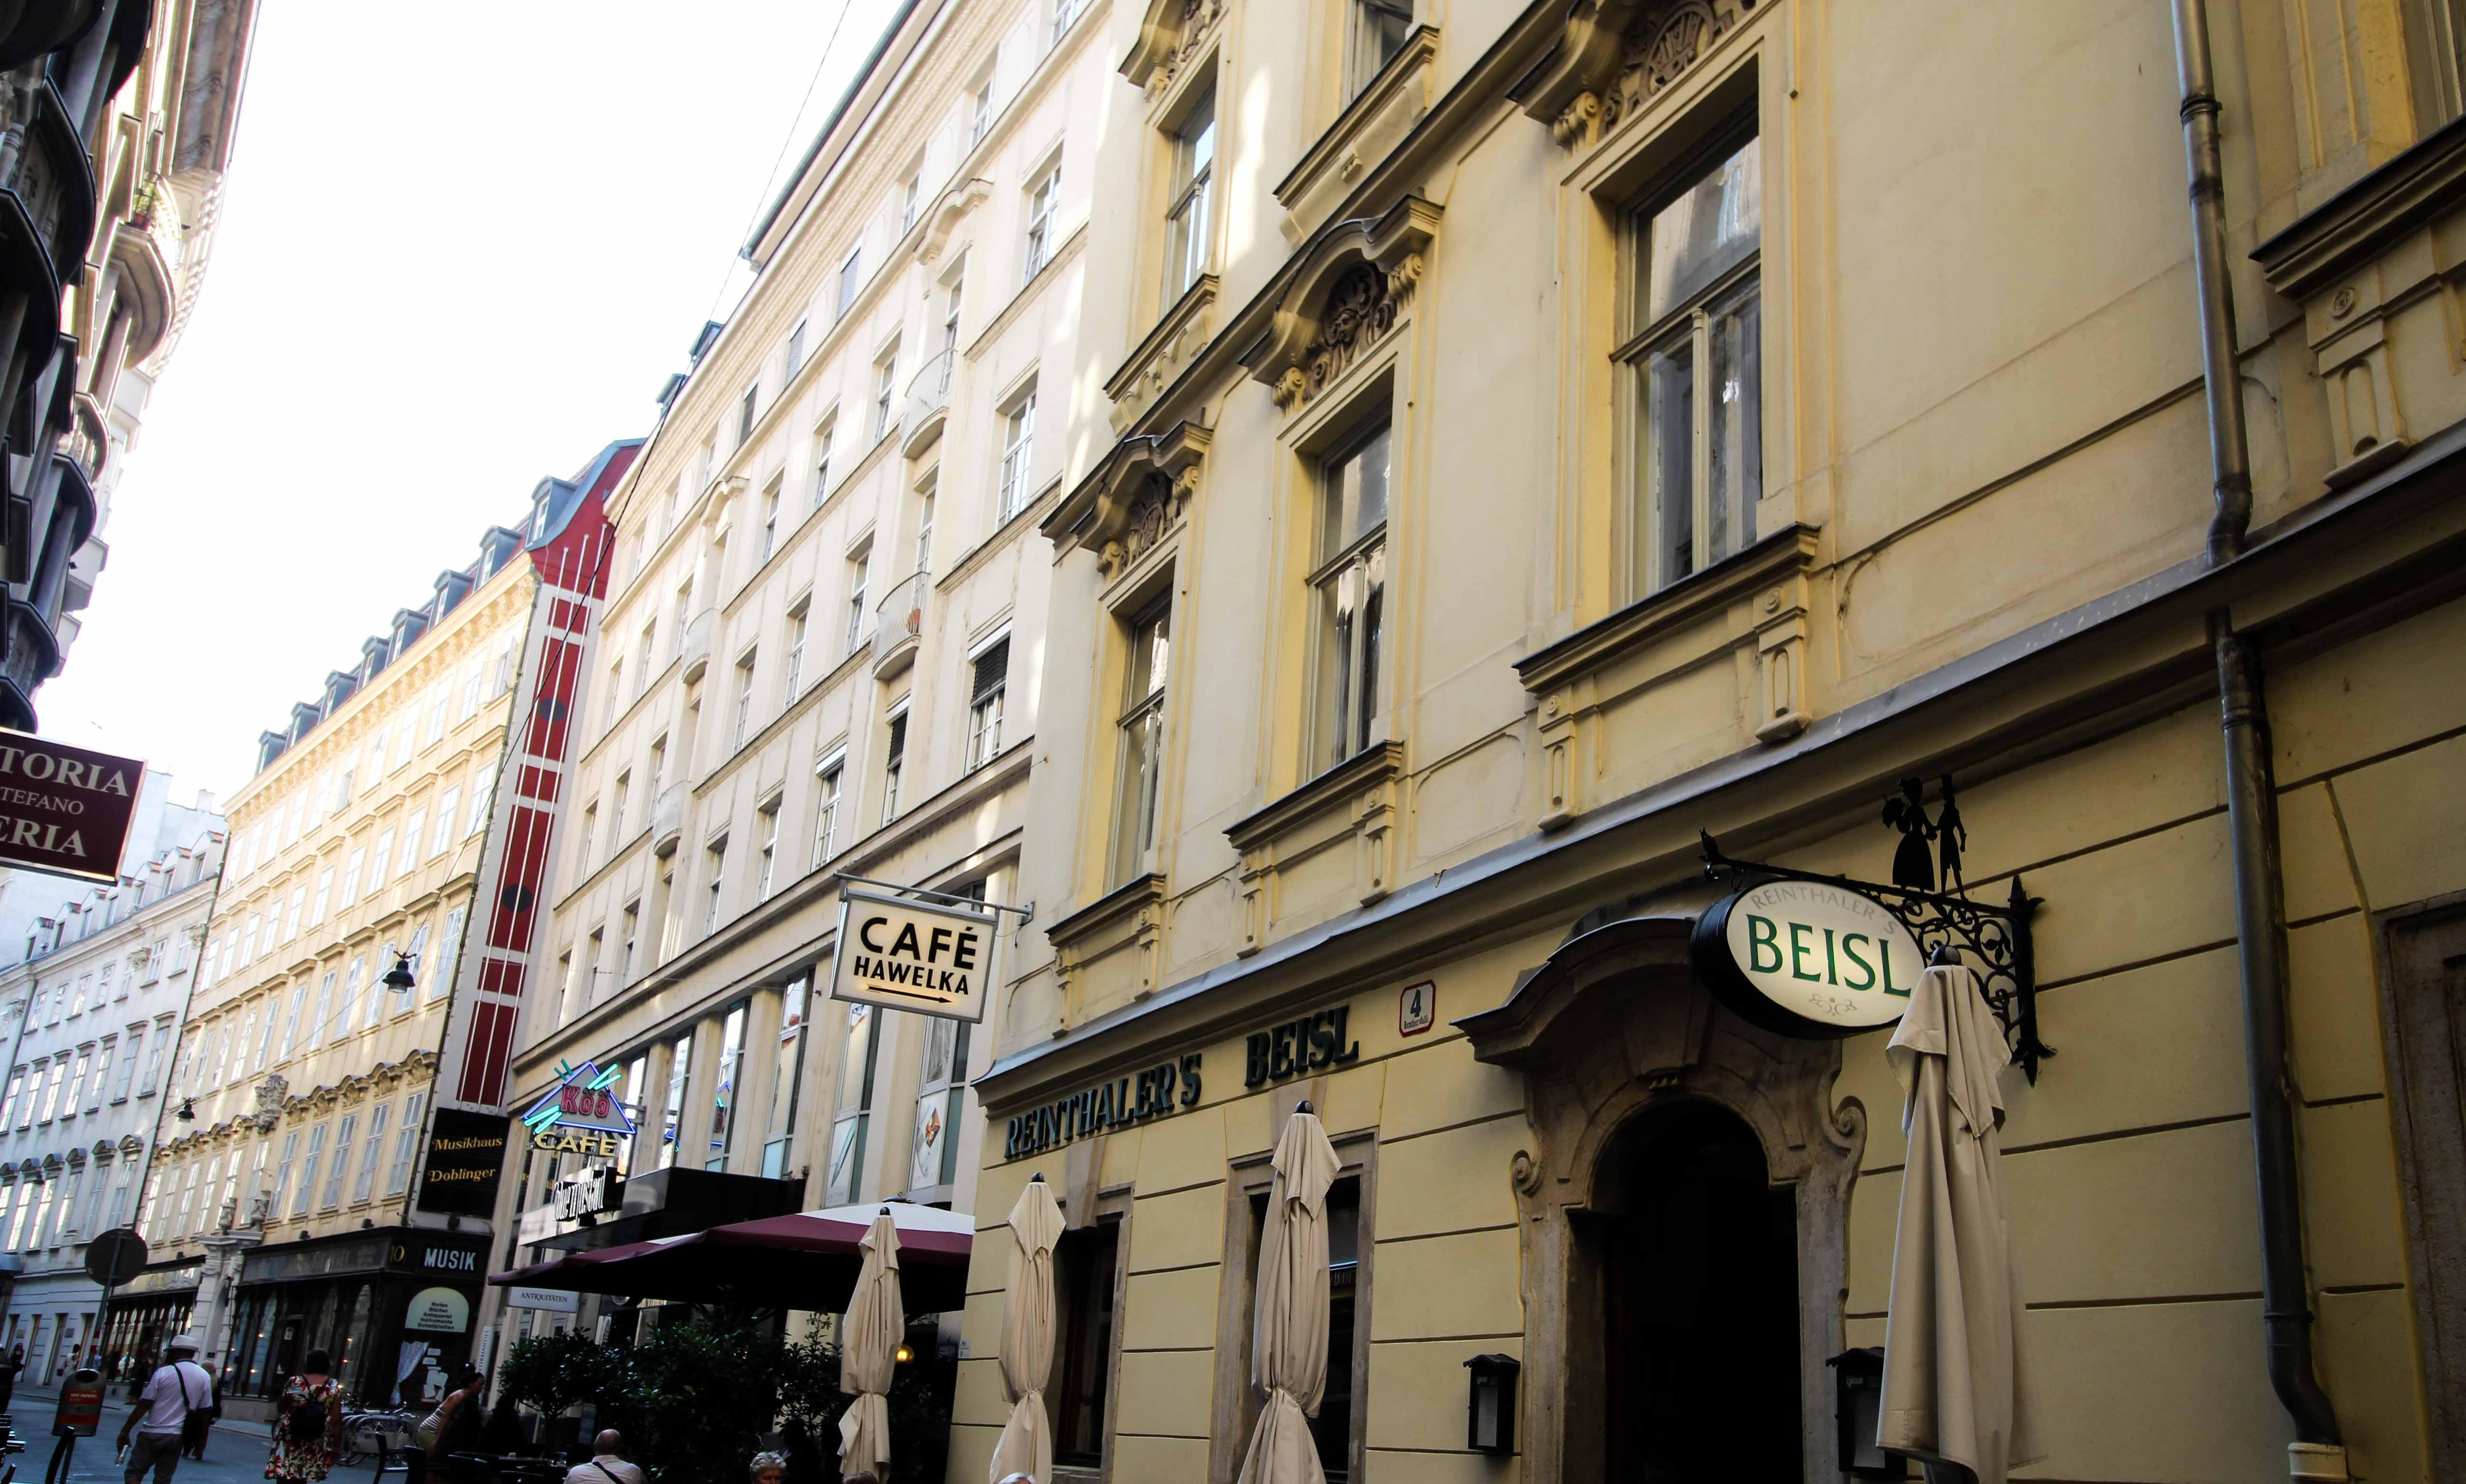 Wien Insider Tipps Sehenswürdigkeiten Wien Innenstadt Essen gehen Restaurant Beisl Wien Vienna Donaukreuzfahrt Arosa